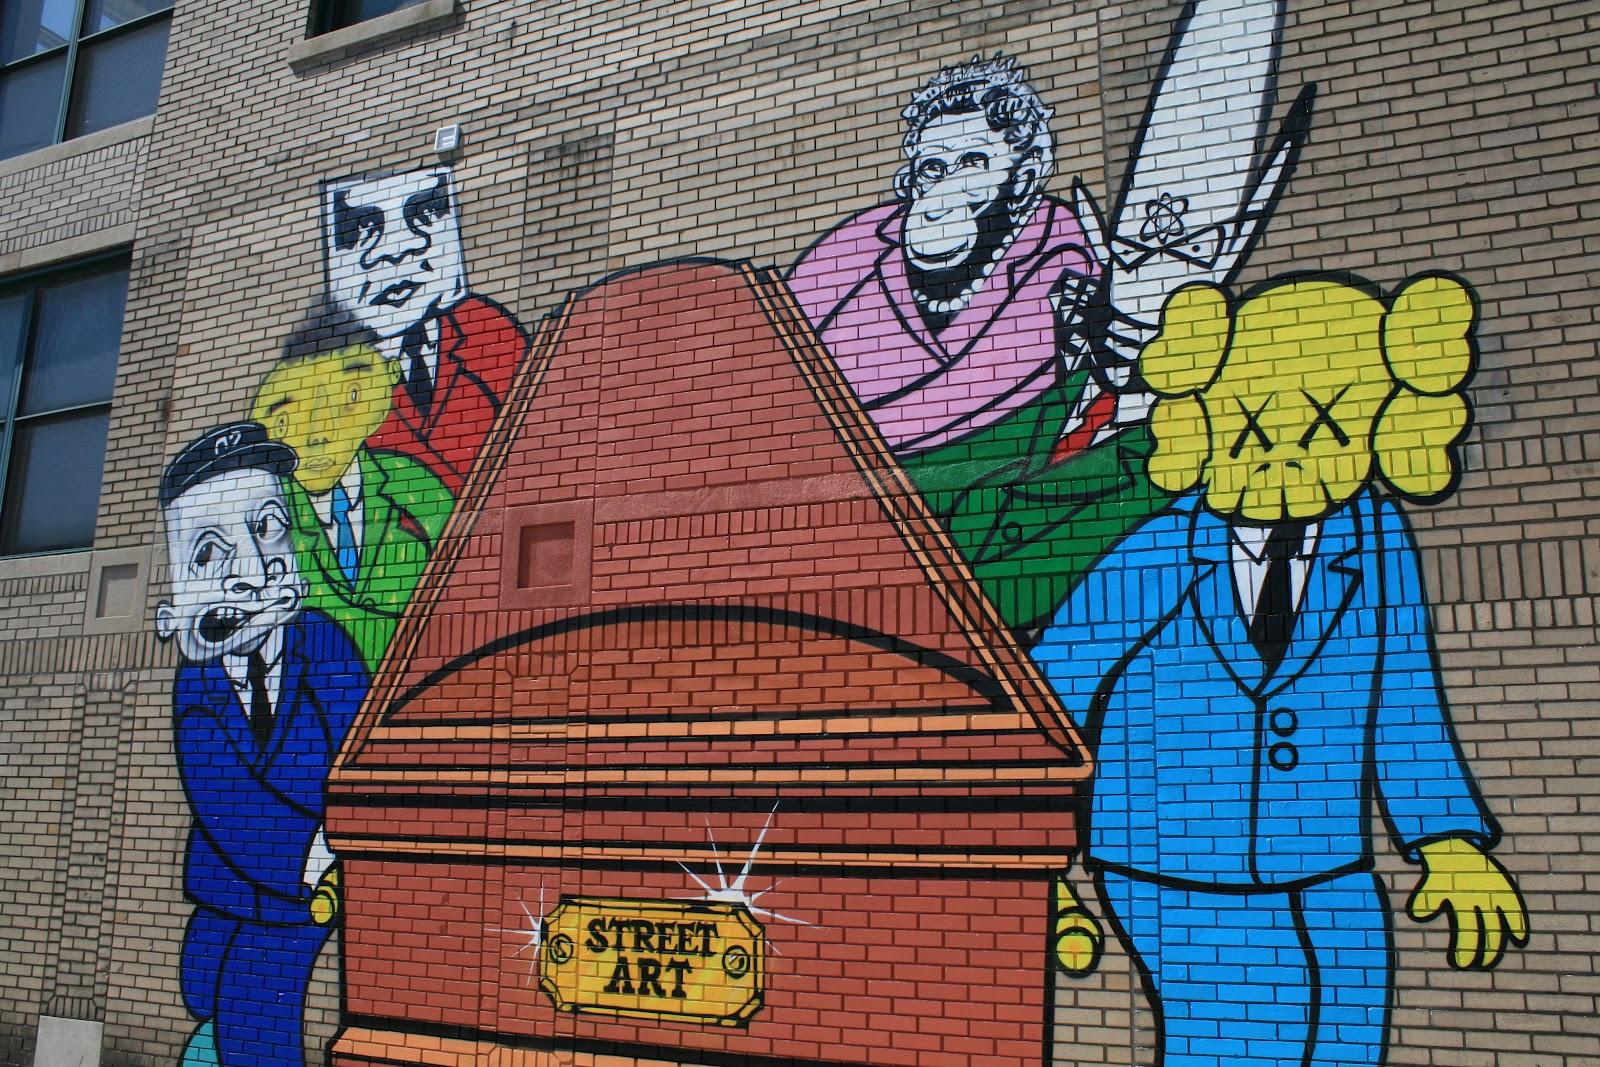 *街頭藝術家Sever告訴我們:Death of Streetwear and Street Art 3